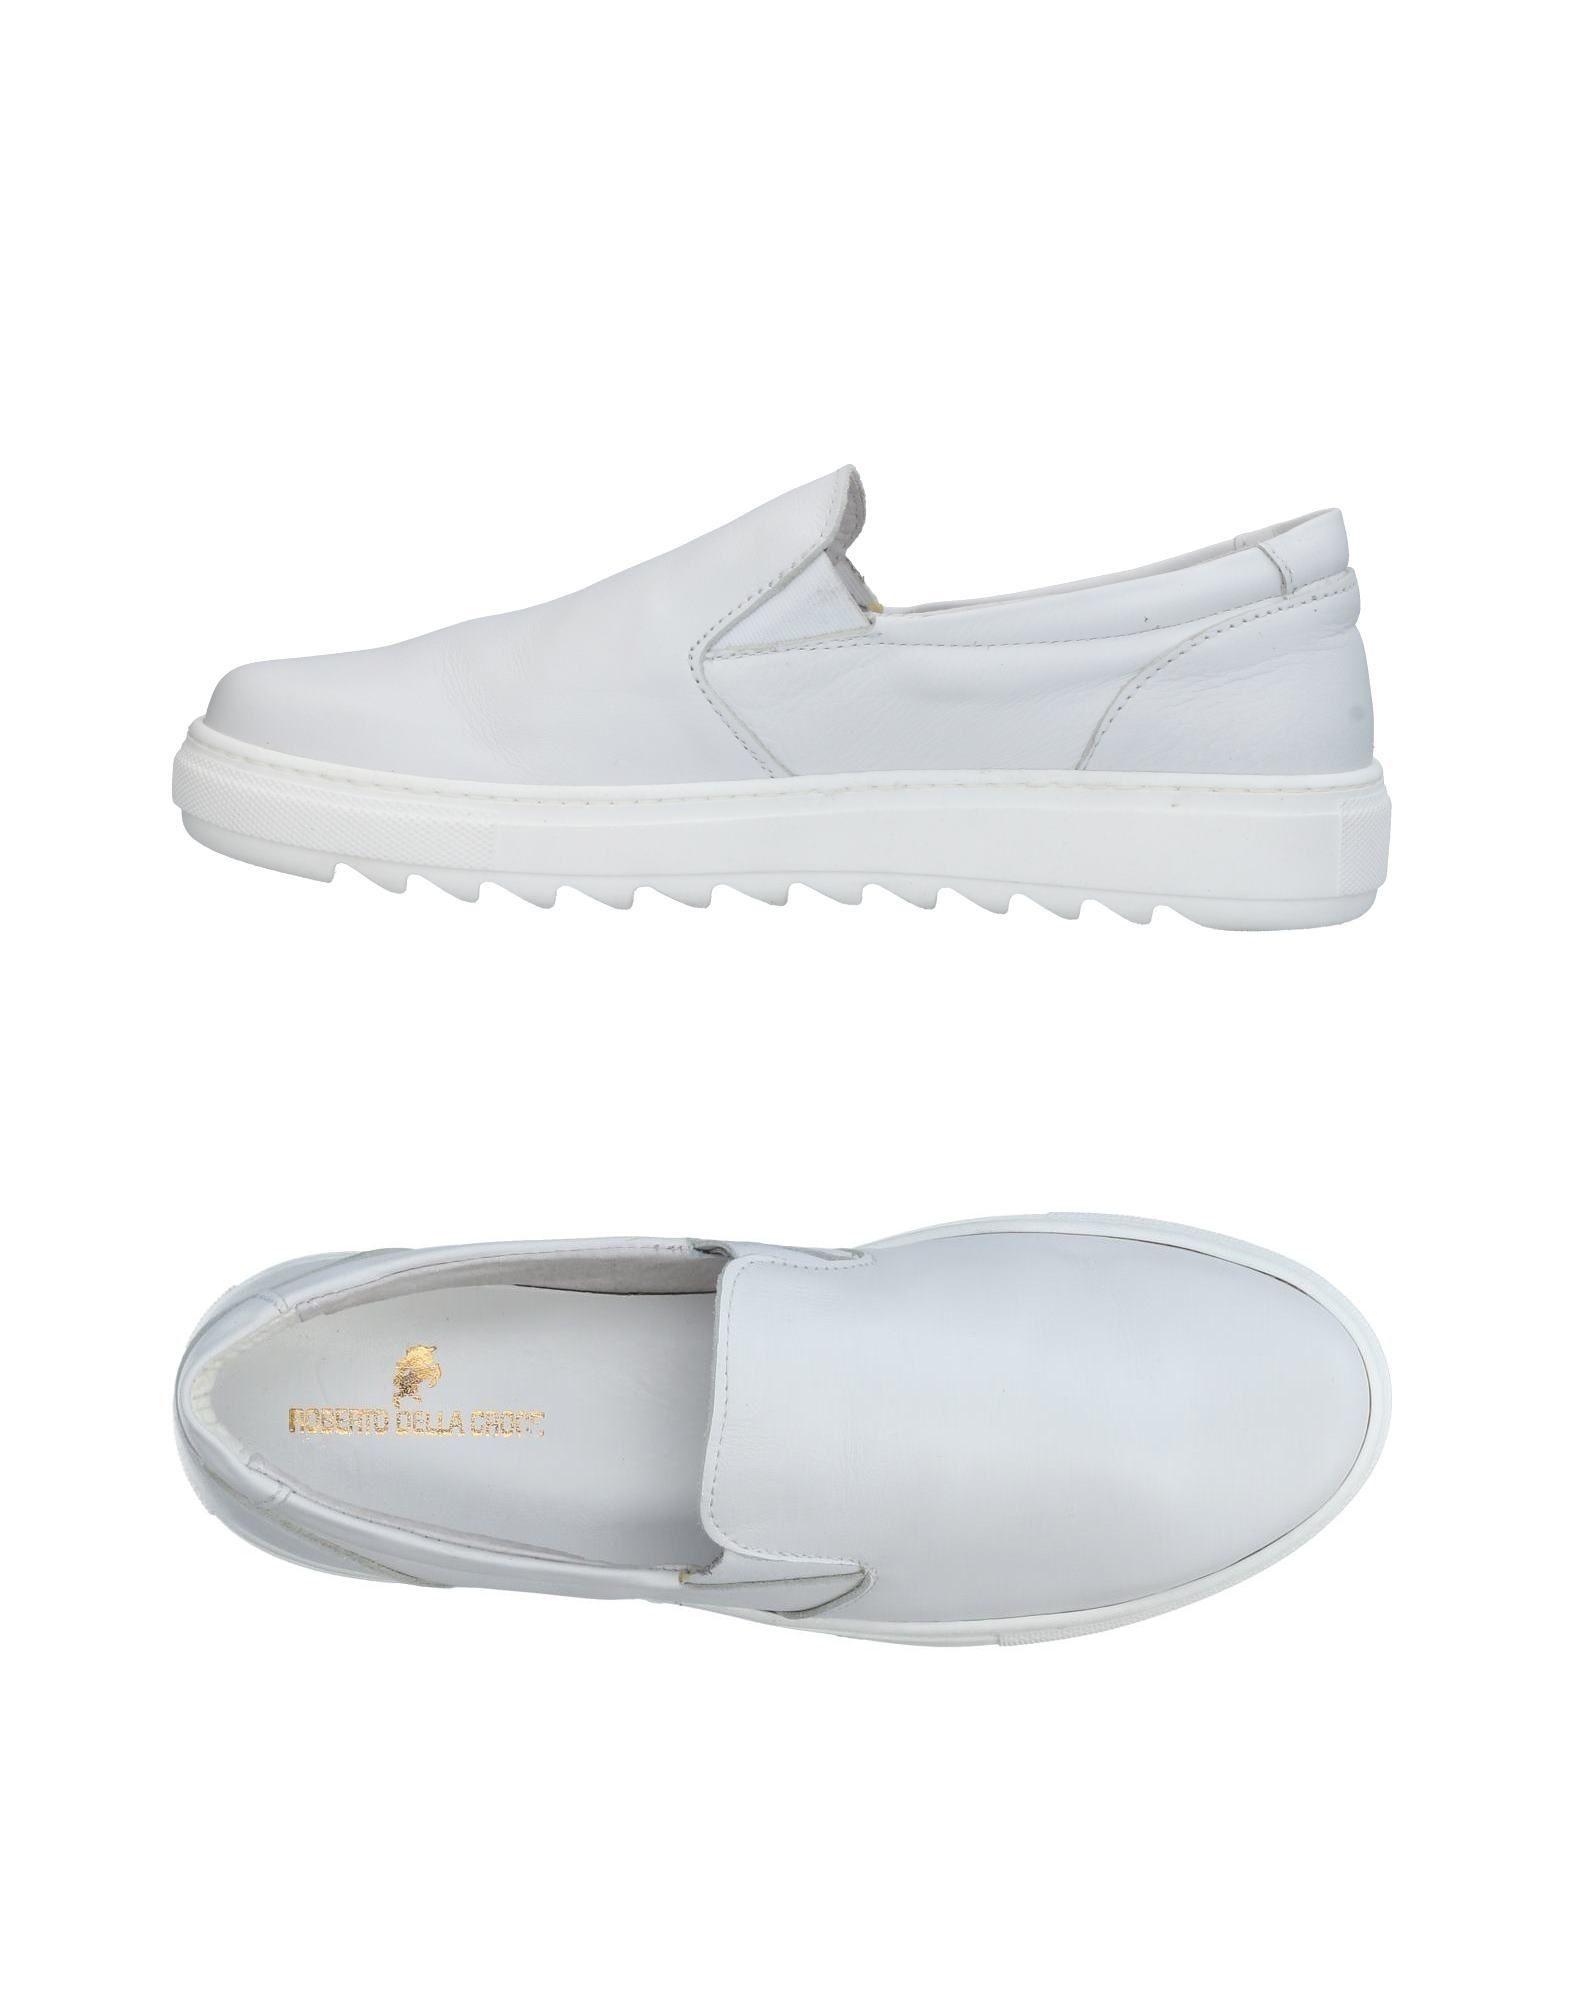 Rabatt echte Schuhe Roberto Della Croce Sneakers Herren  11435310TV